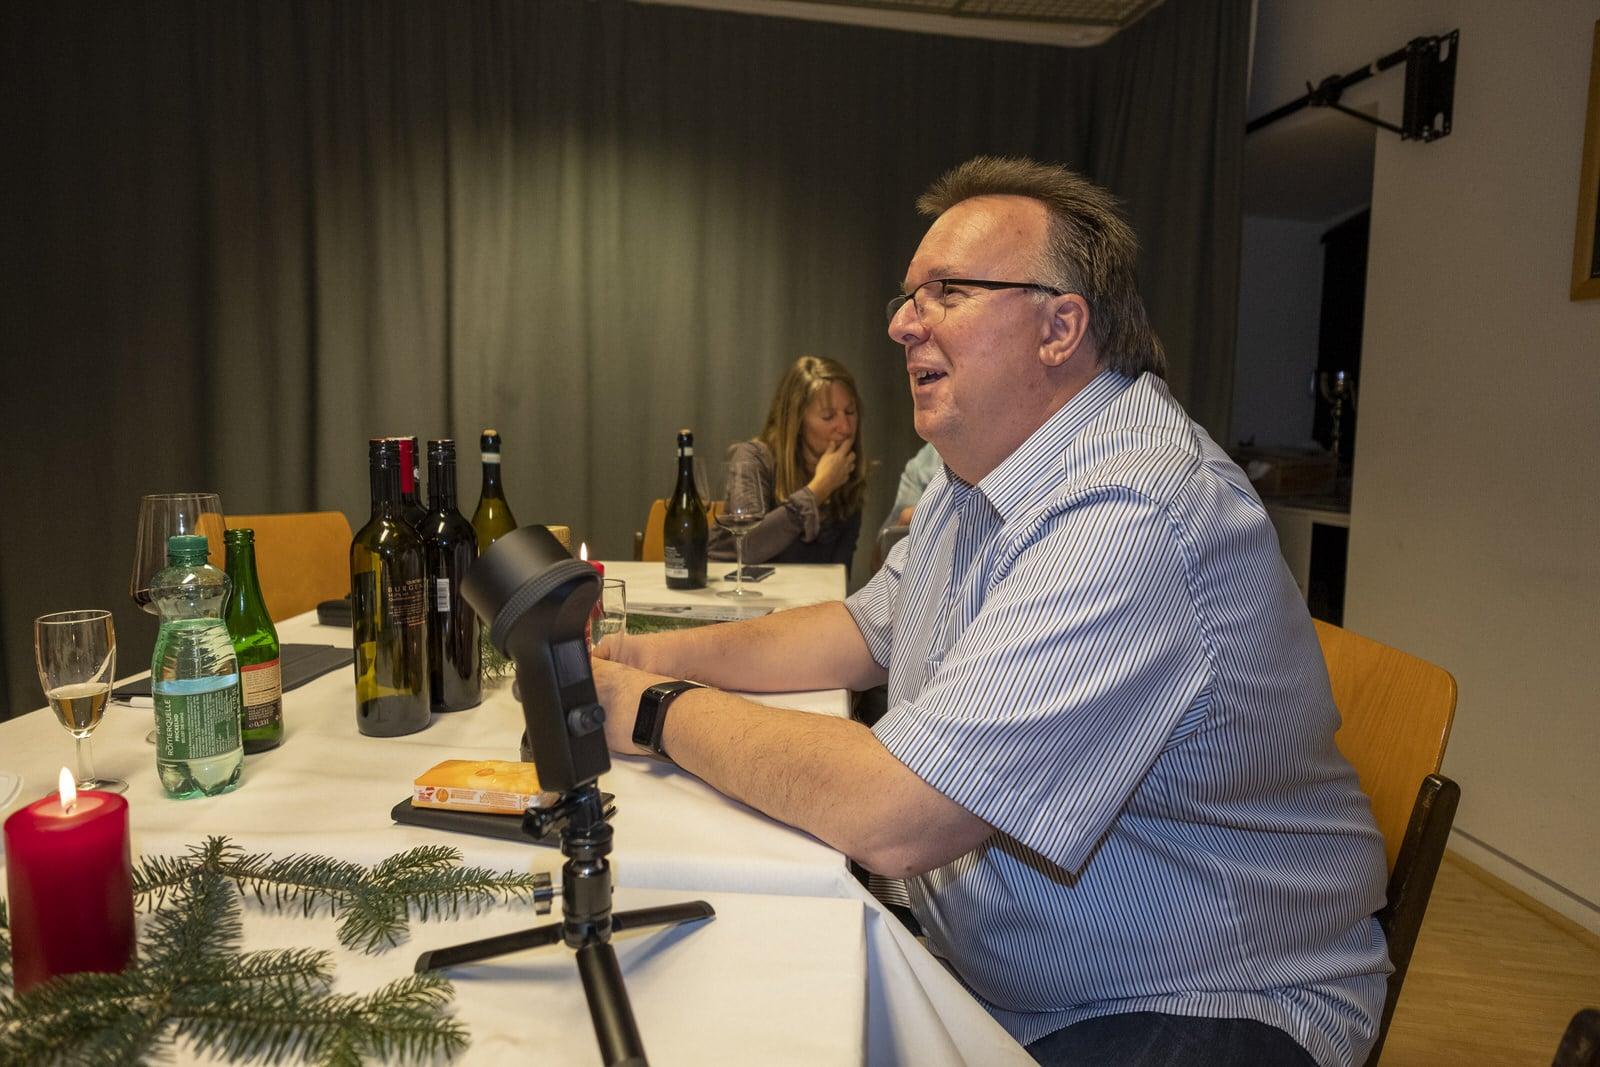 Unser Ober-Fotograf Helmut